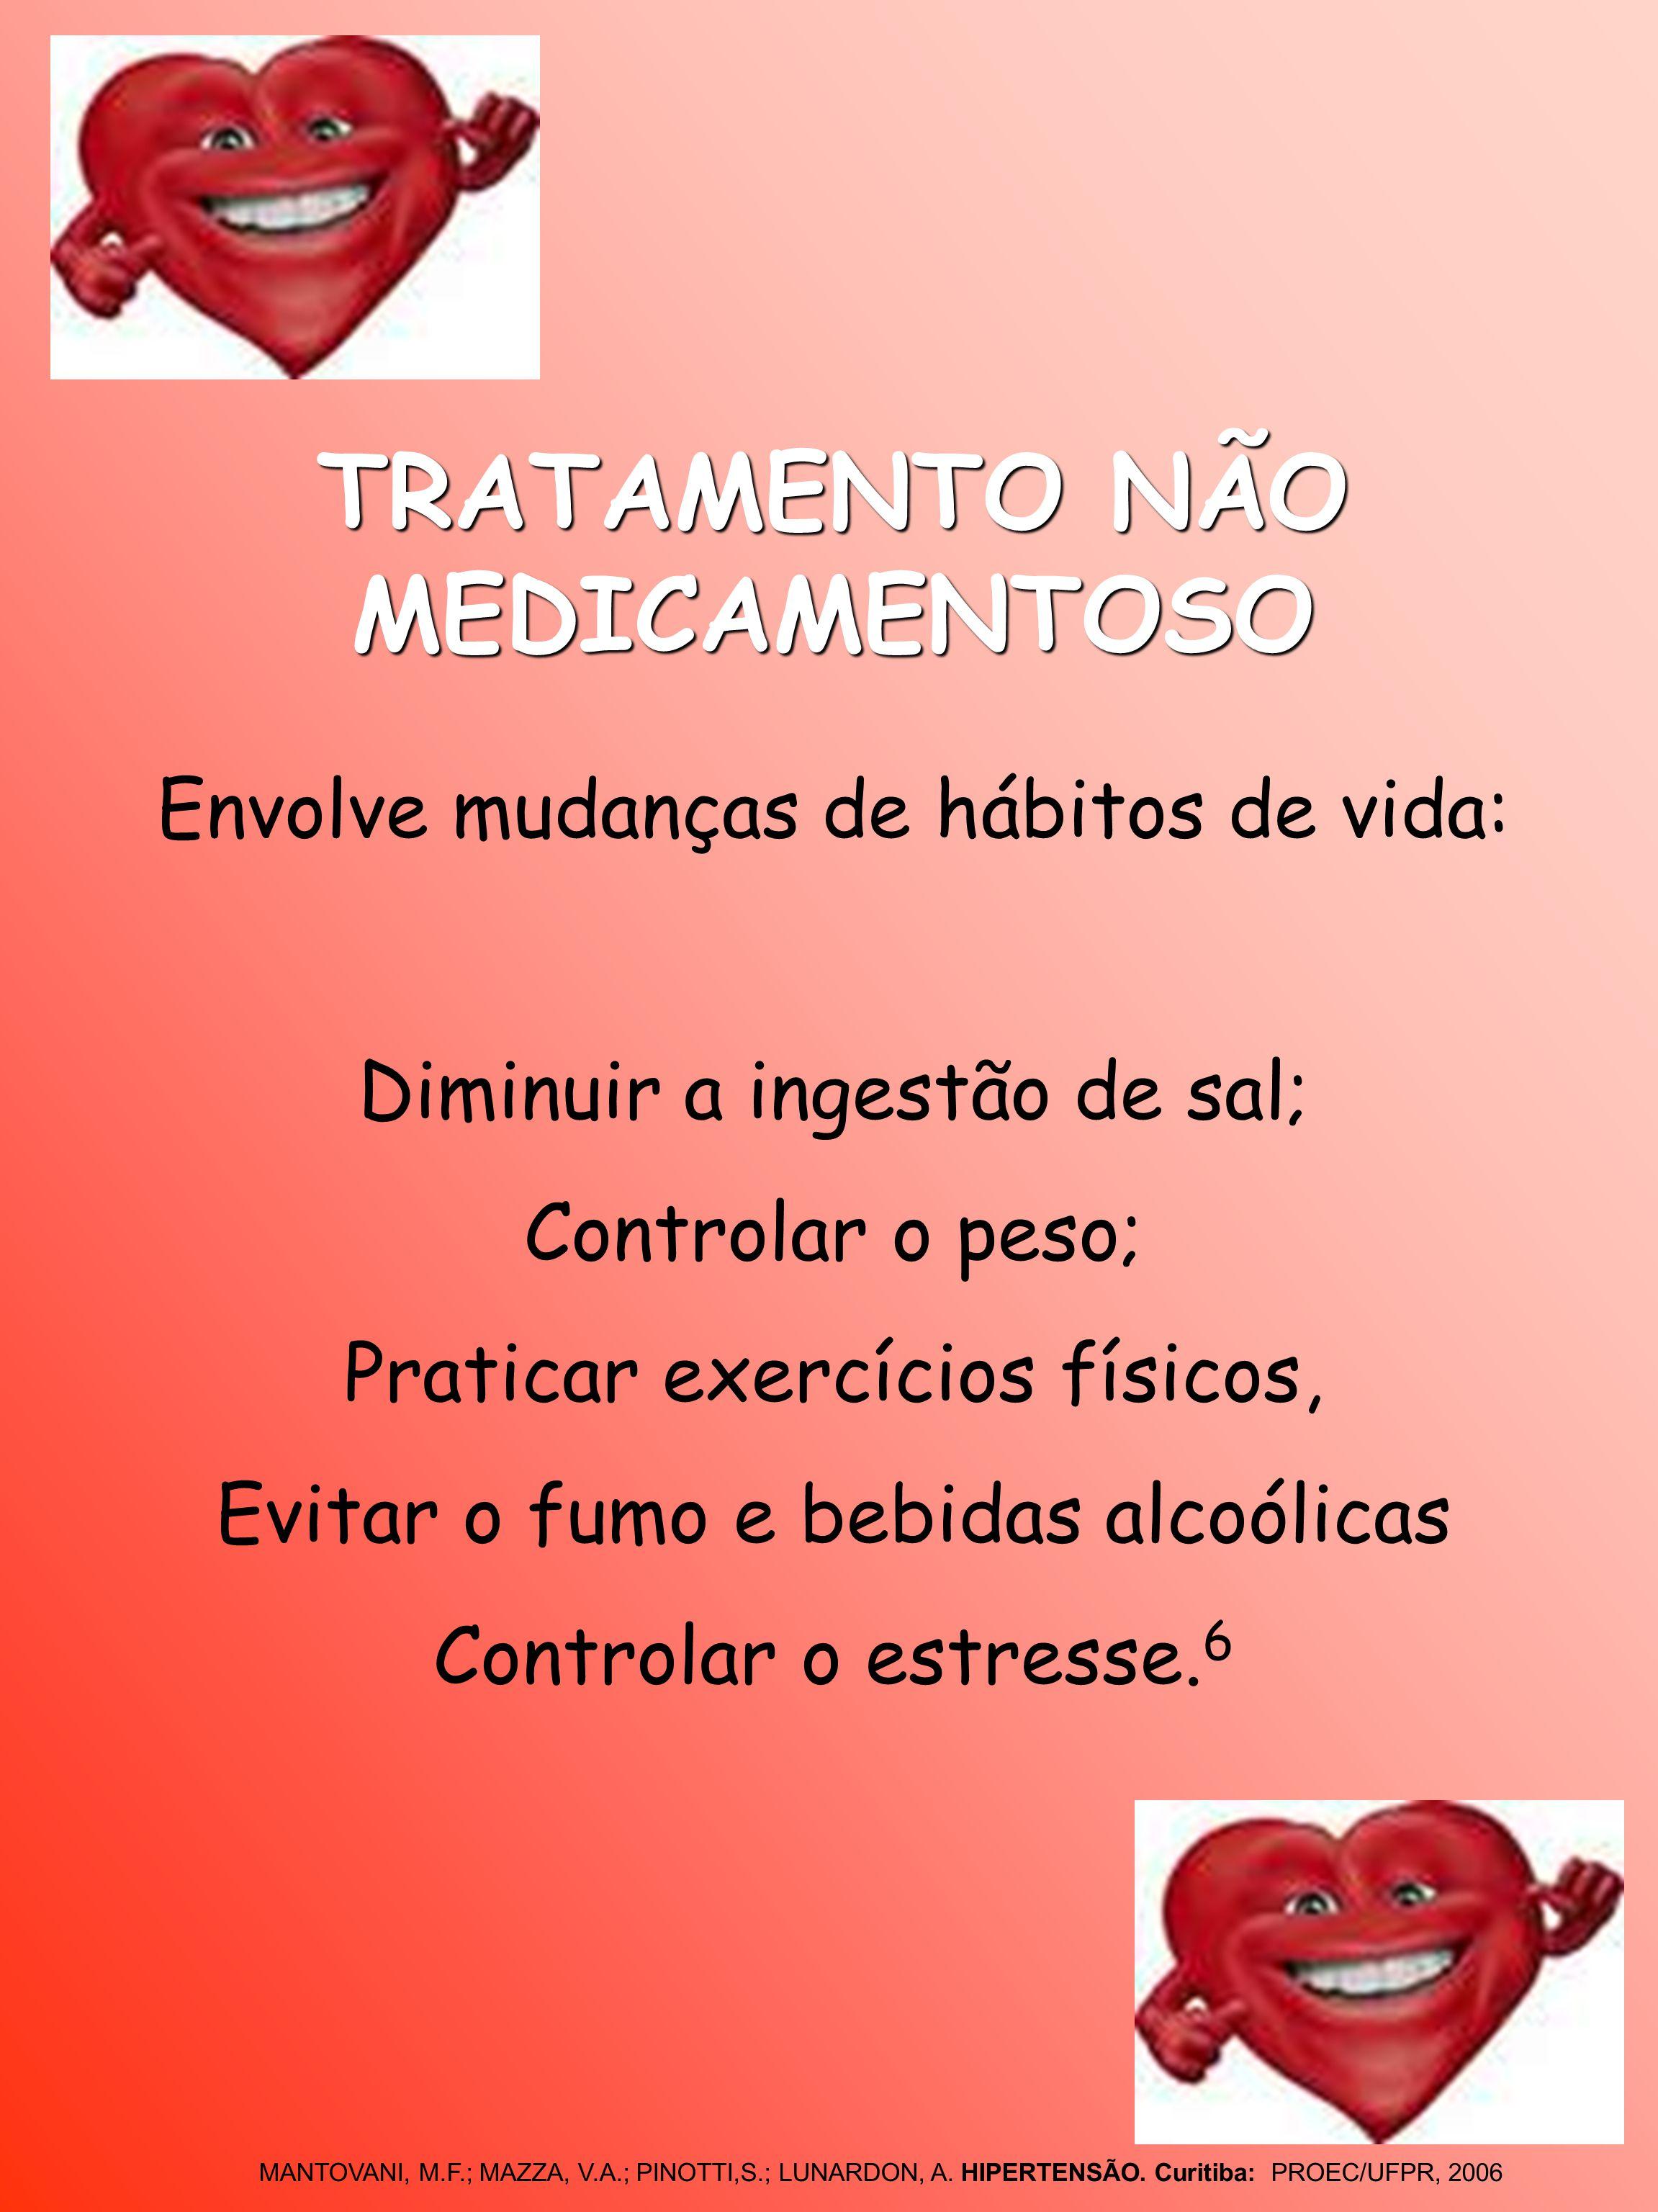 TRATAMENTO NÃO MEDICAMENTOSO Envolve mudanças de hábitos de vida: Diminuir a ingestão de sal; Controlar o peso; Praticar exercícios físicos, Evitar o